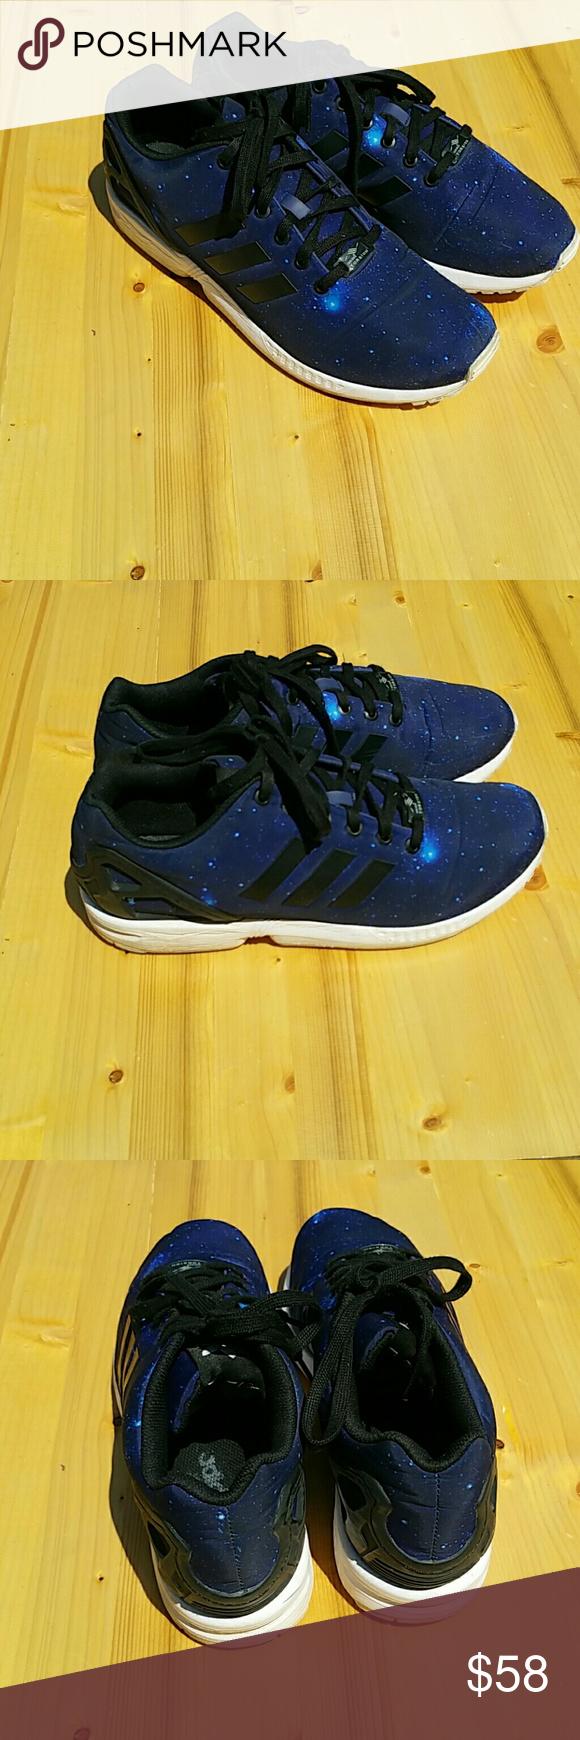 31a54462f933c ... reduced adidas torsion zx flux galaxy men size 11 adidas zx flux galaxy men  size 11